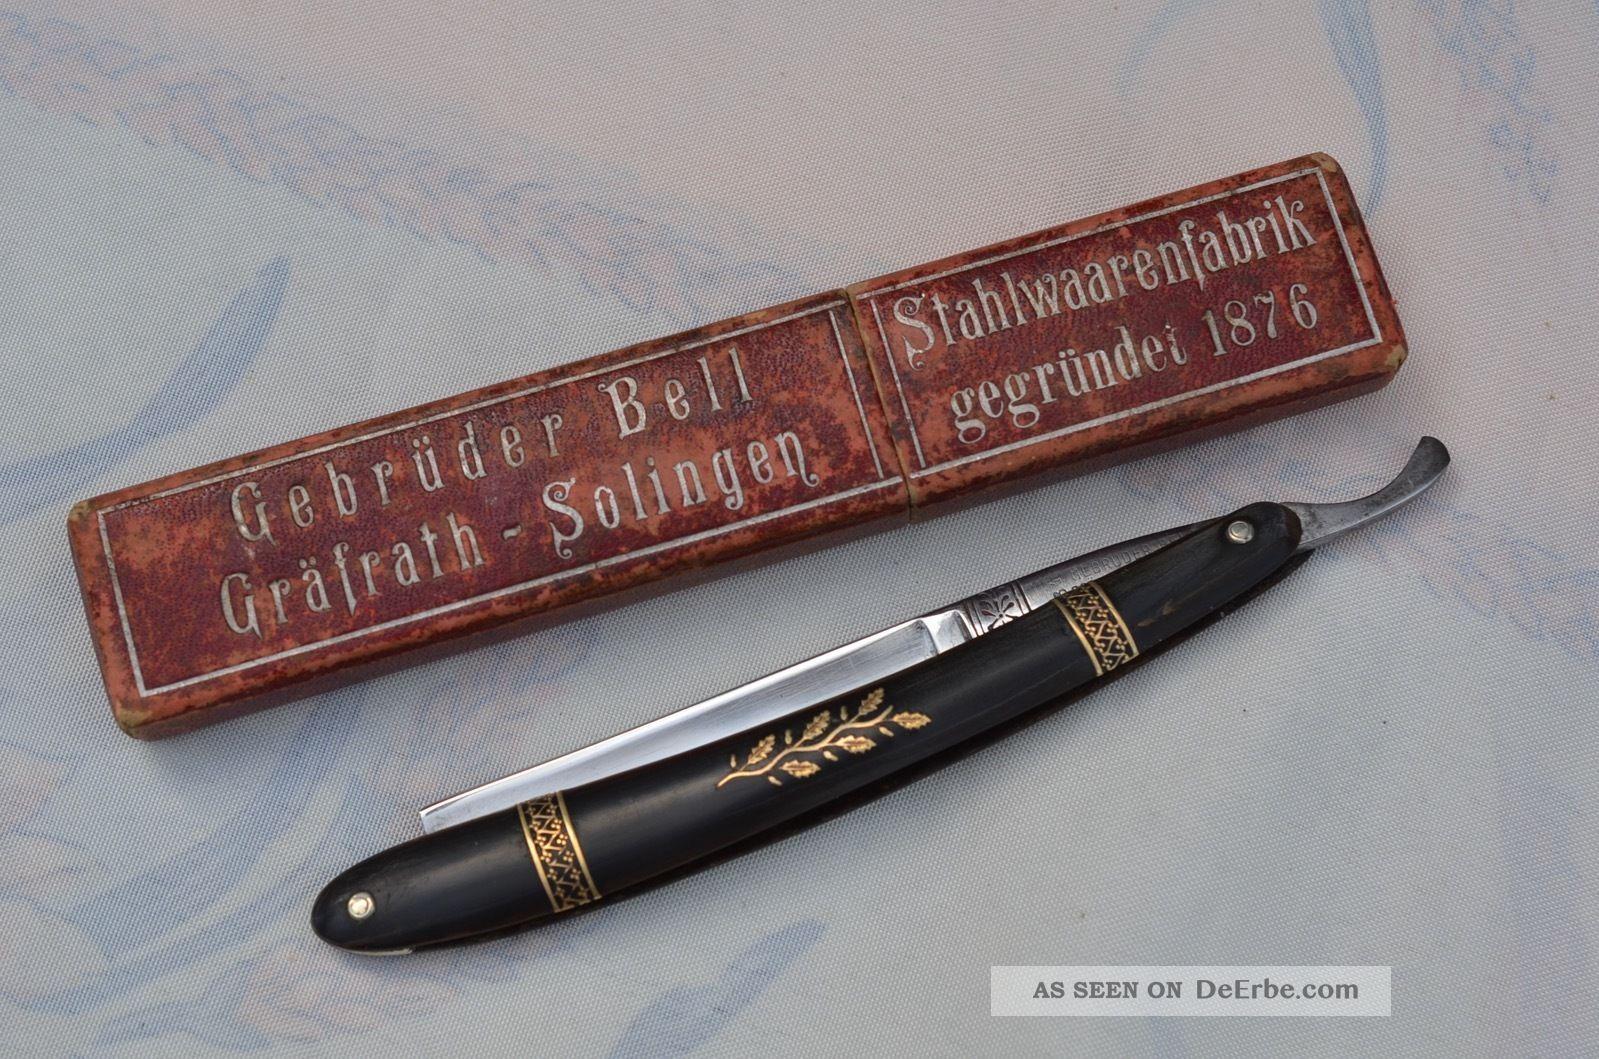 Altes Antikes Gebrüder Bell Gräfharth - Solingen Rasiermesser Sammlerstück Frisör & Barbier Bild